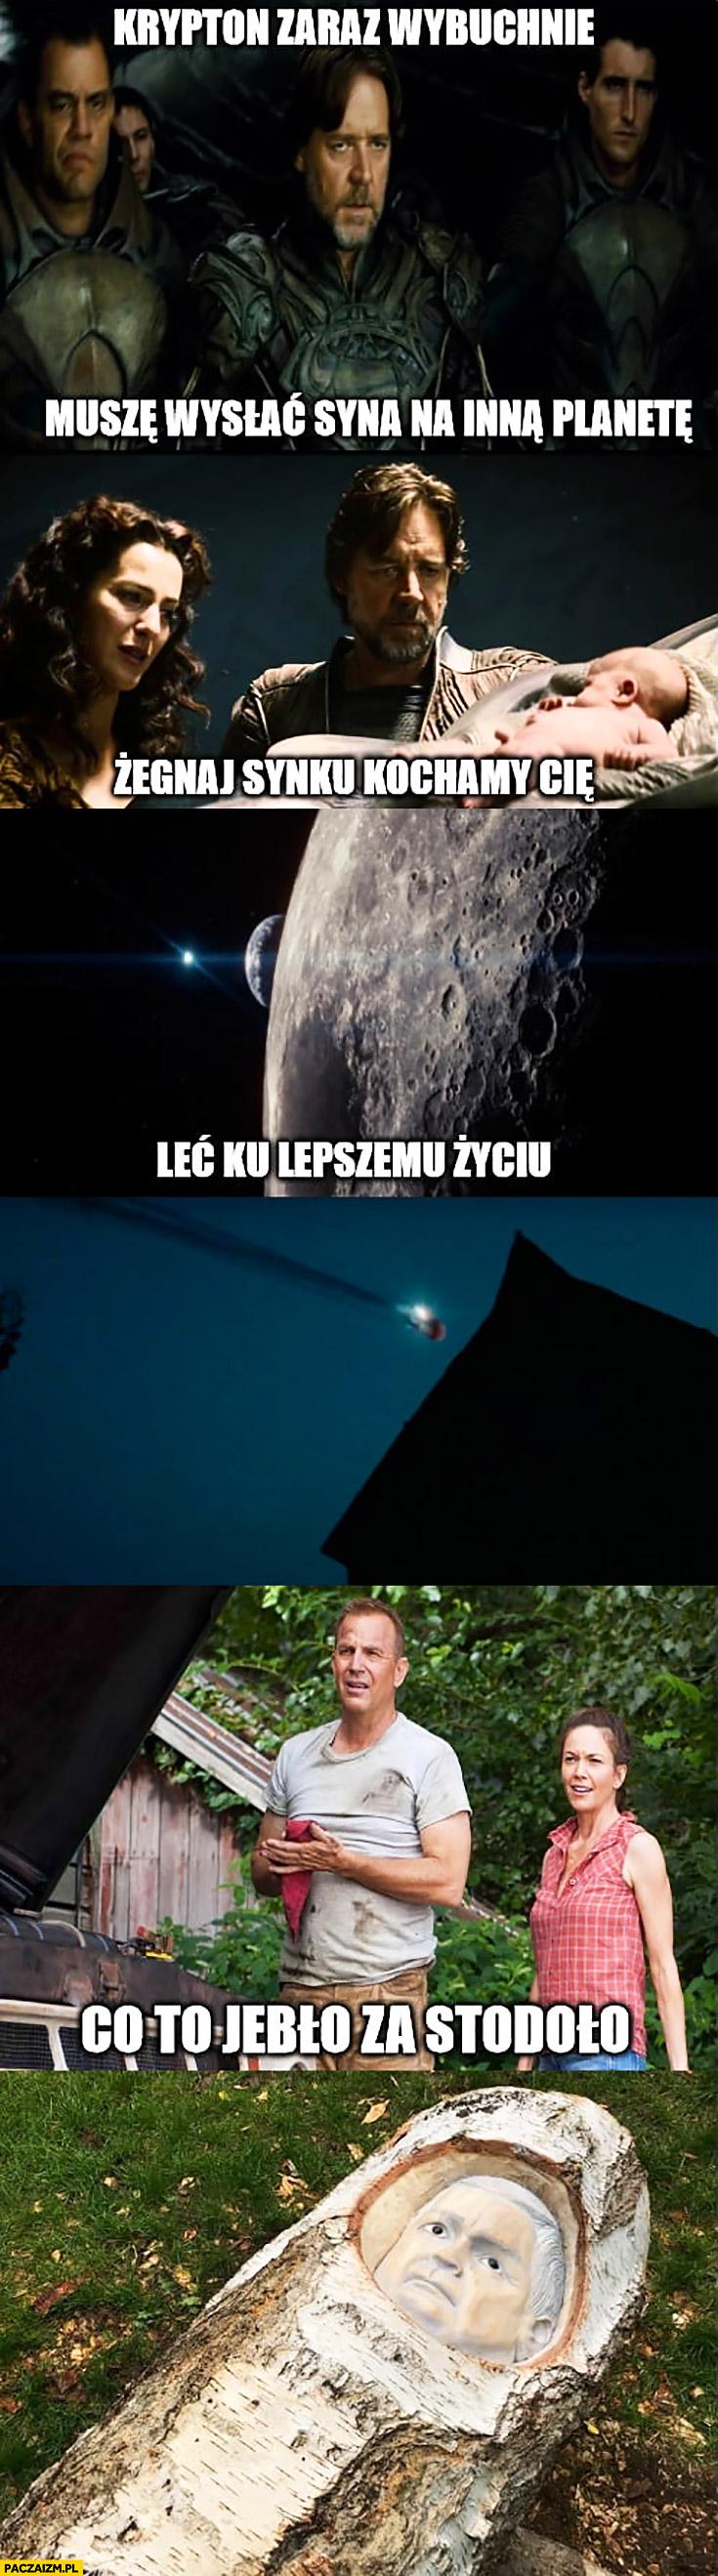 Krypton zaraz wybuchnie, muszę wysłać syna na inna planetę, co to jebło za stodołą? Lech Kaczyński w brzozie